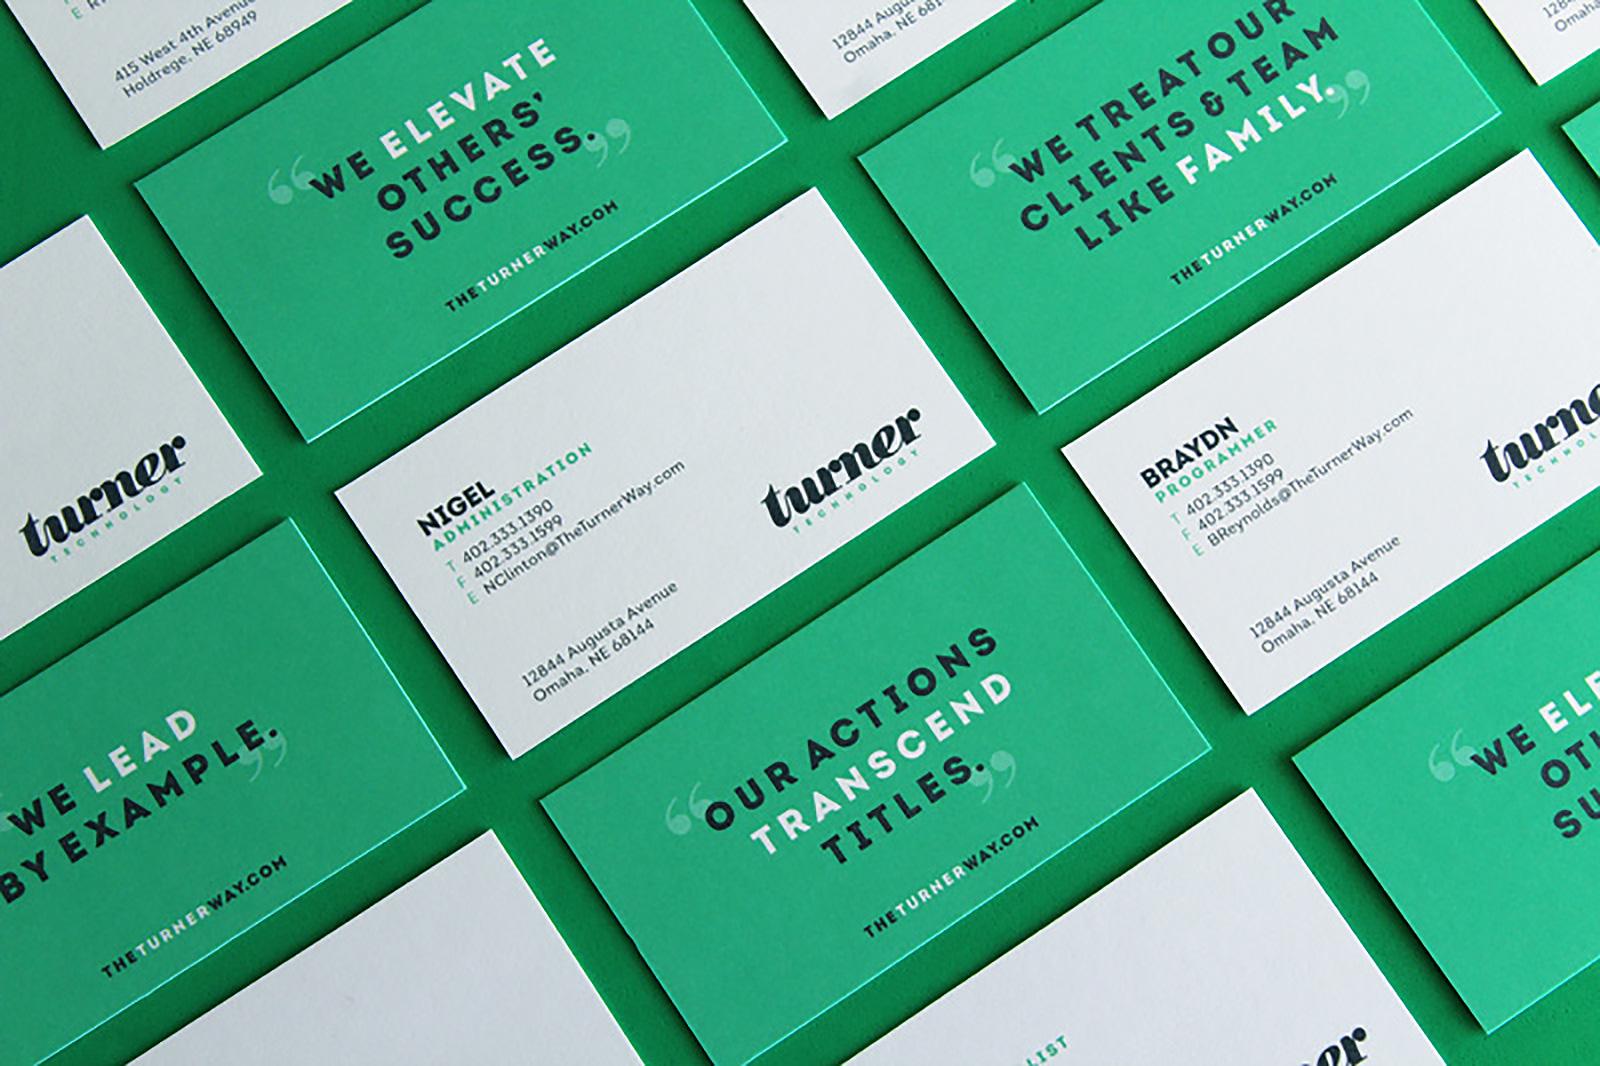 nebraska-logo-design-branding-turner_01.jpg